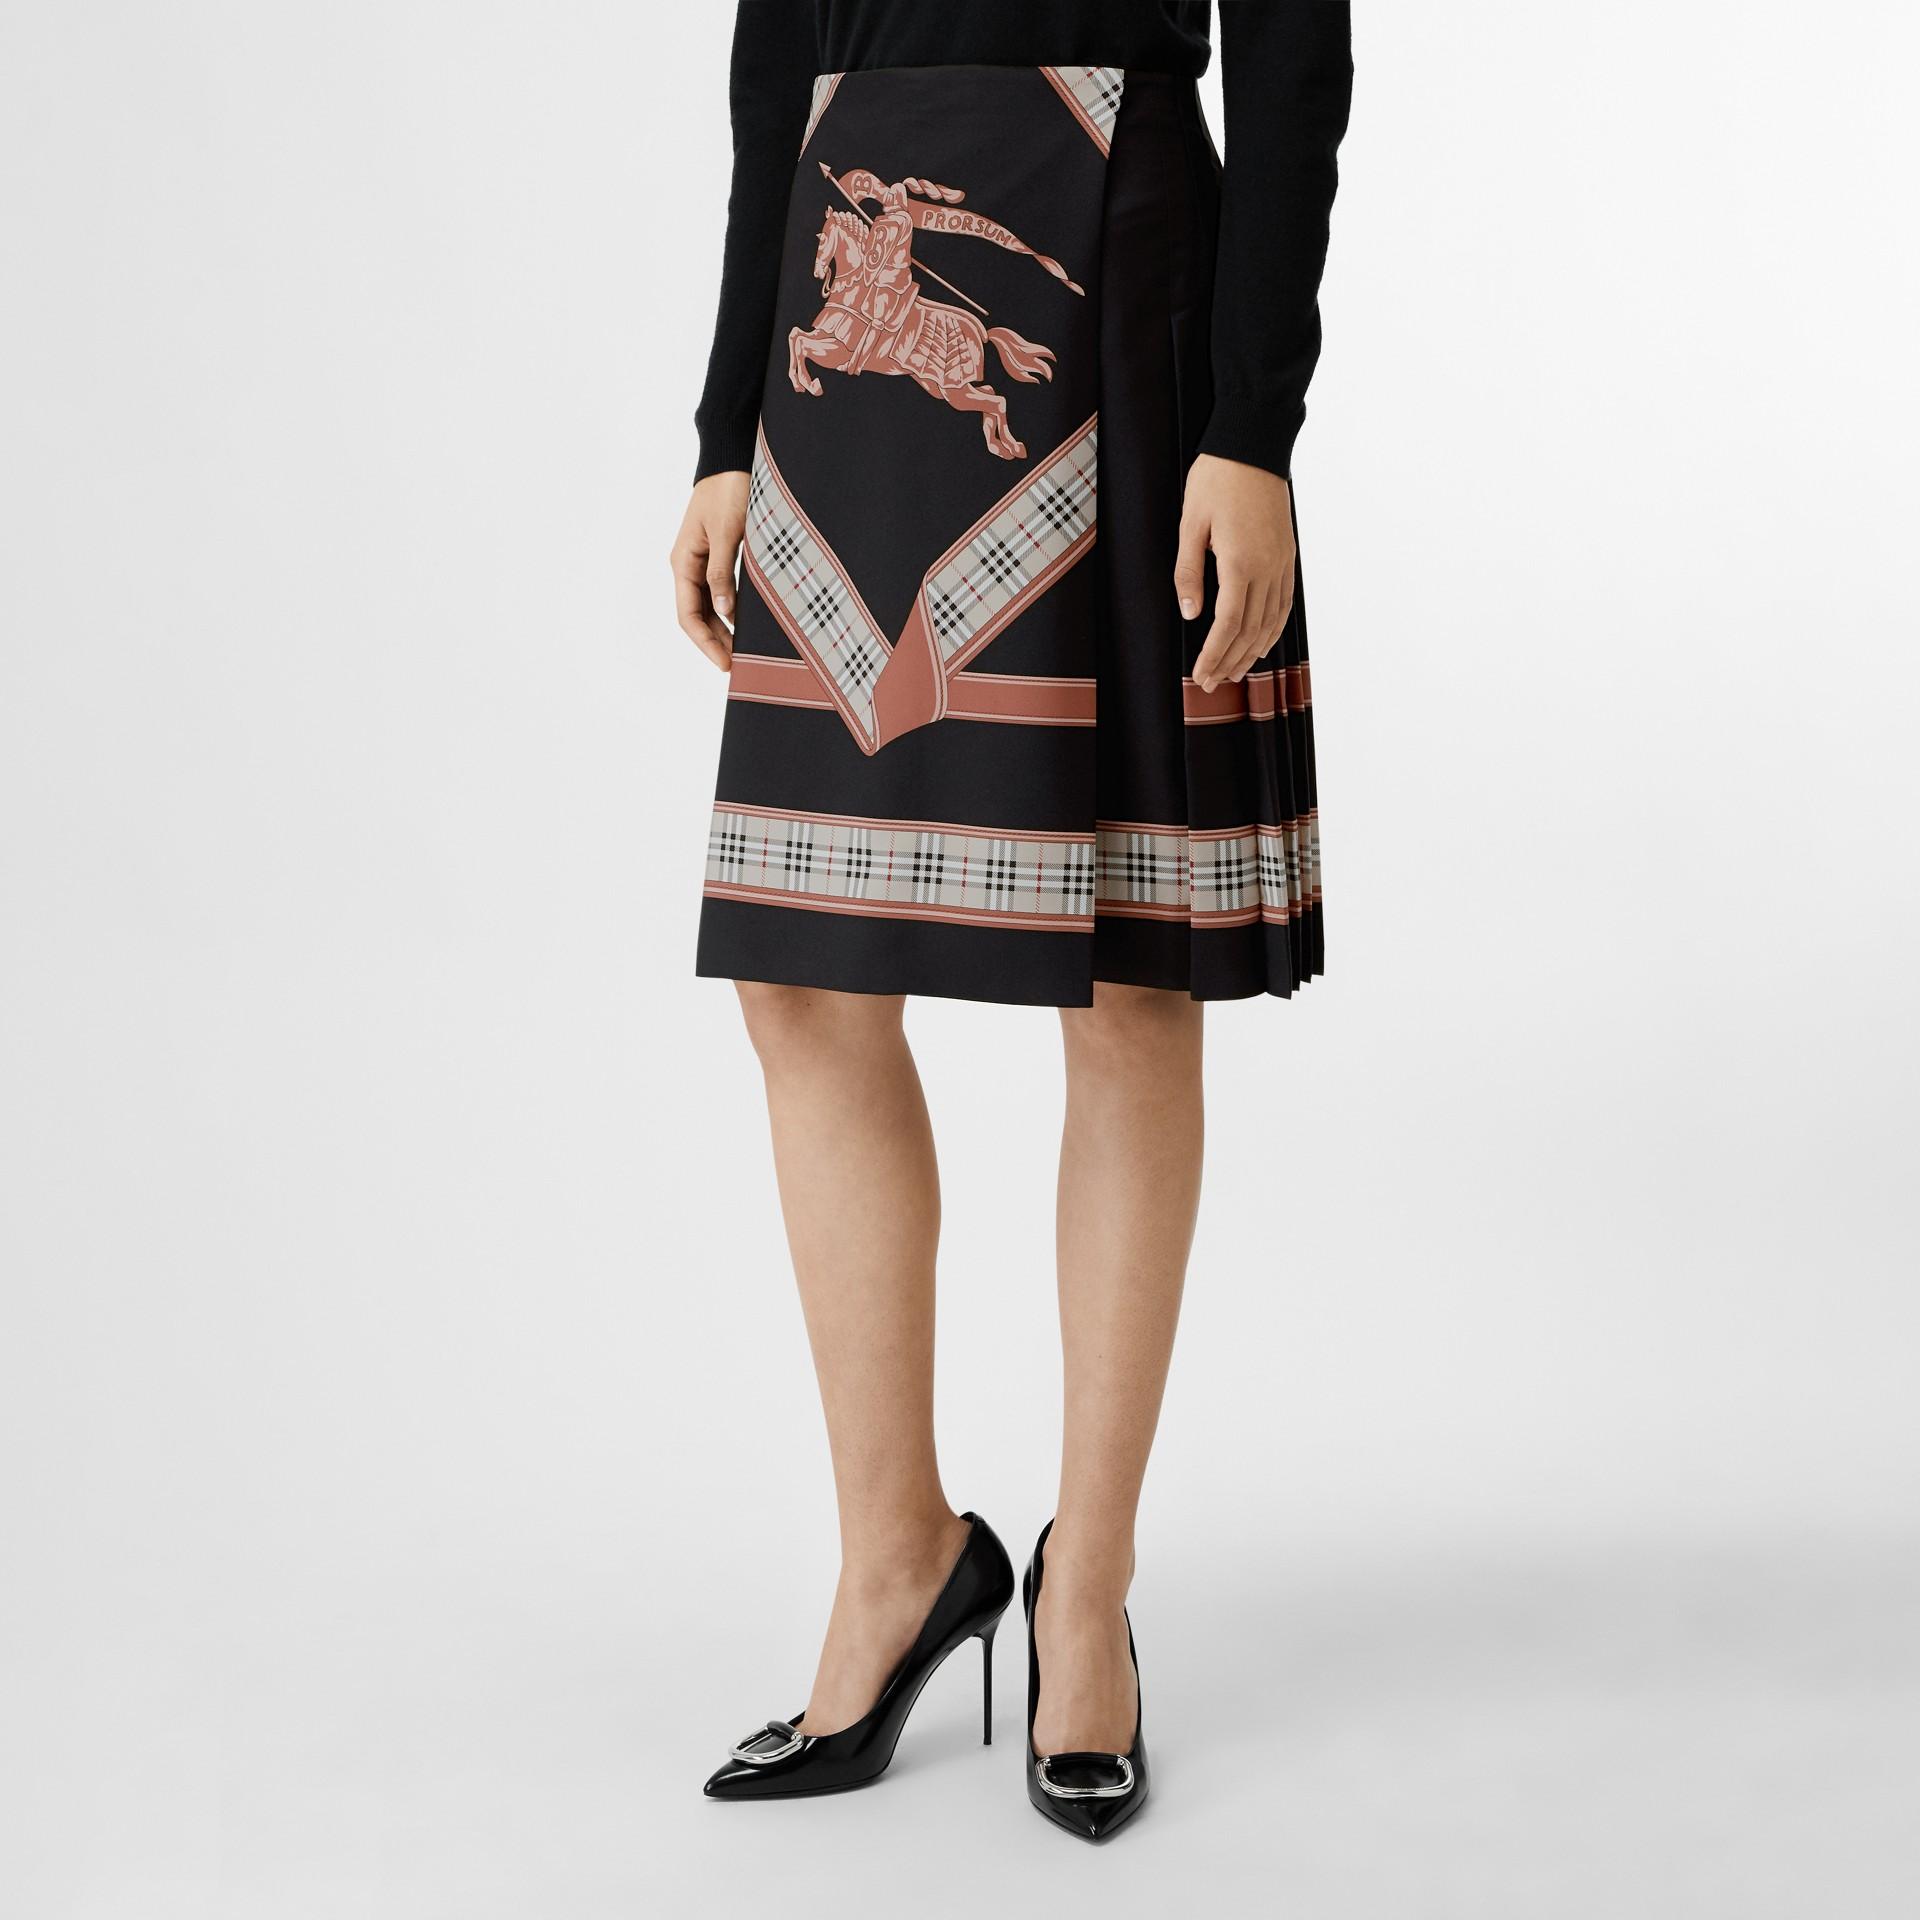 典藏圍巾印花蘇格蘭裙 (多色) - 女款 | Burberry - 圖庫照片 4